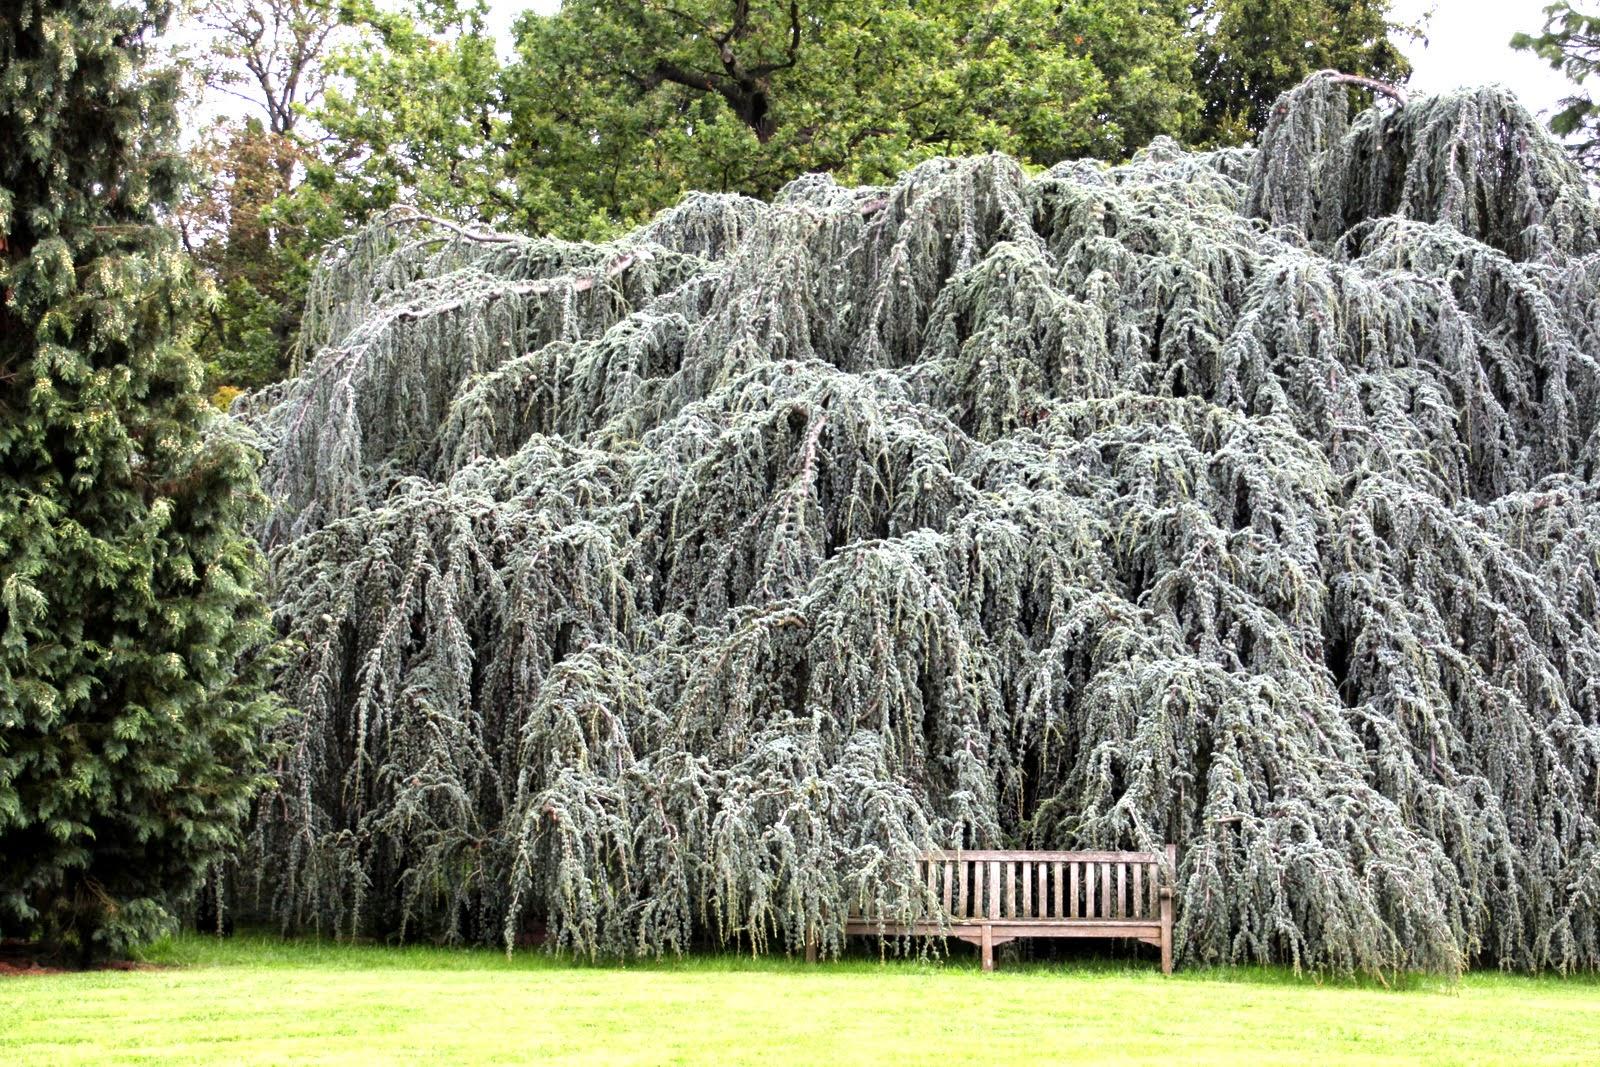 Arboretum de la Vallée aux Loups - cèdre bleu pleureur